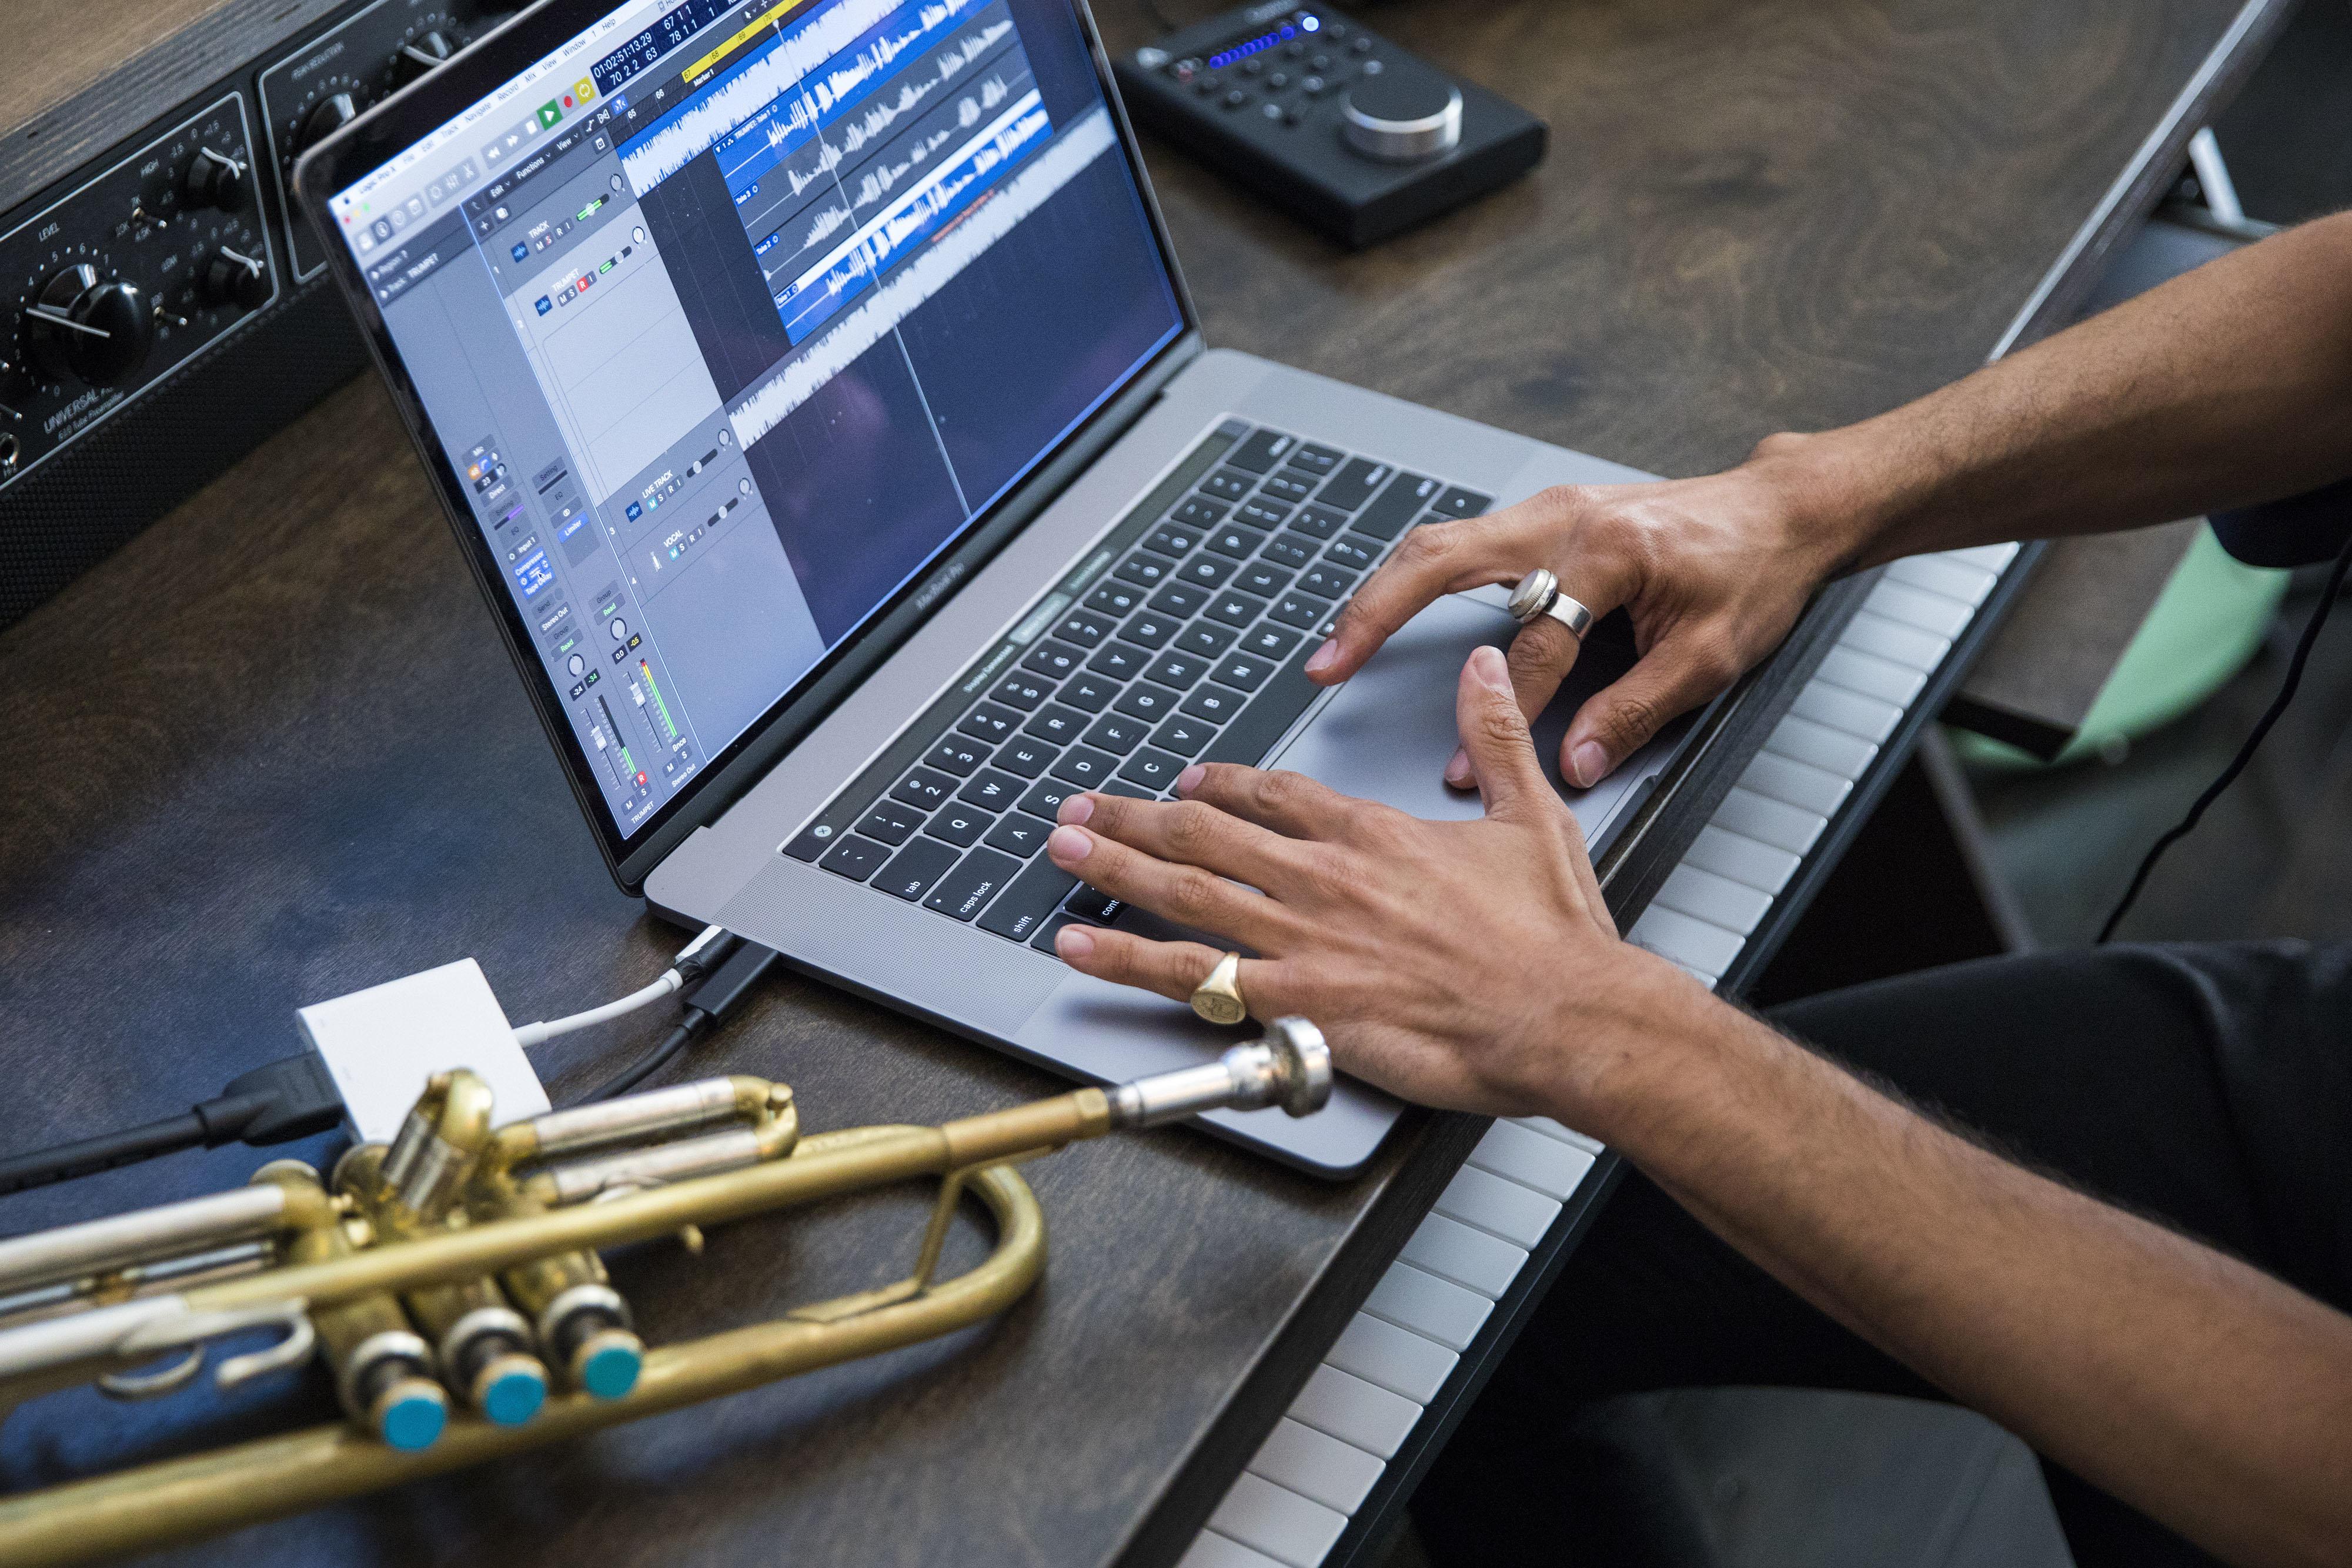 Prenosniki Apple MacBook Pro s procesorji Intel Core i9 so celo slabši od tistih, ki uporabljajo procesorje Core i7.